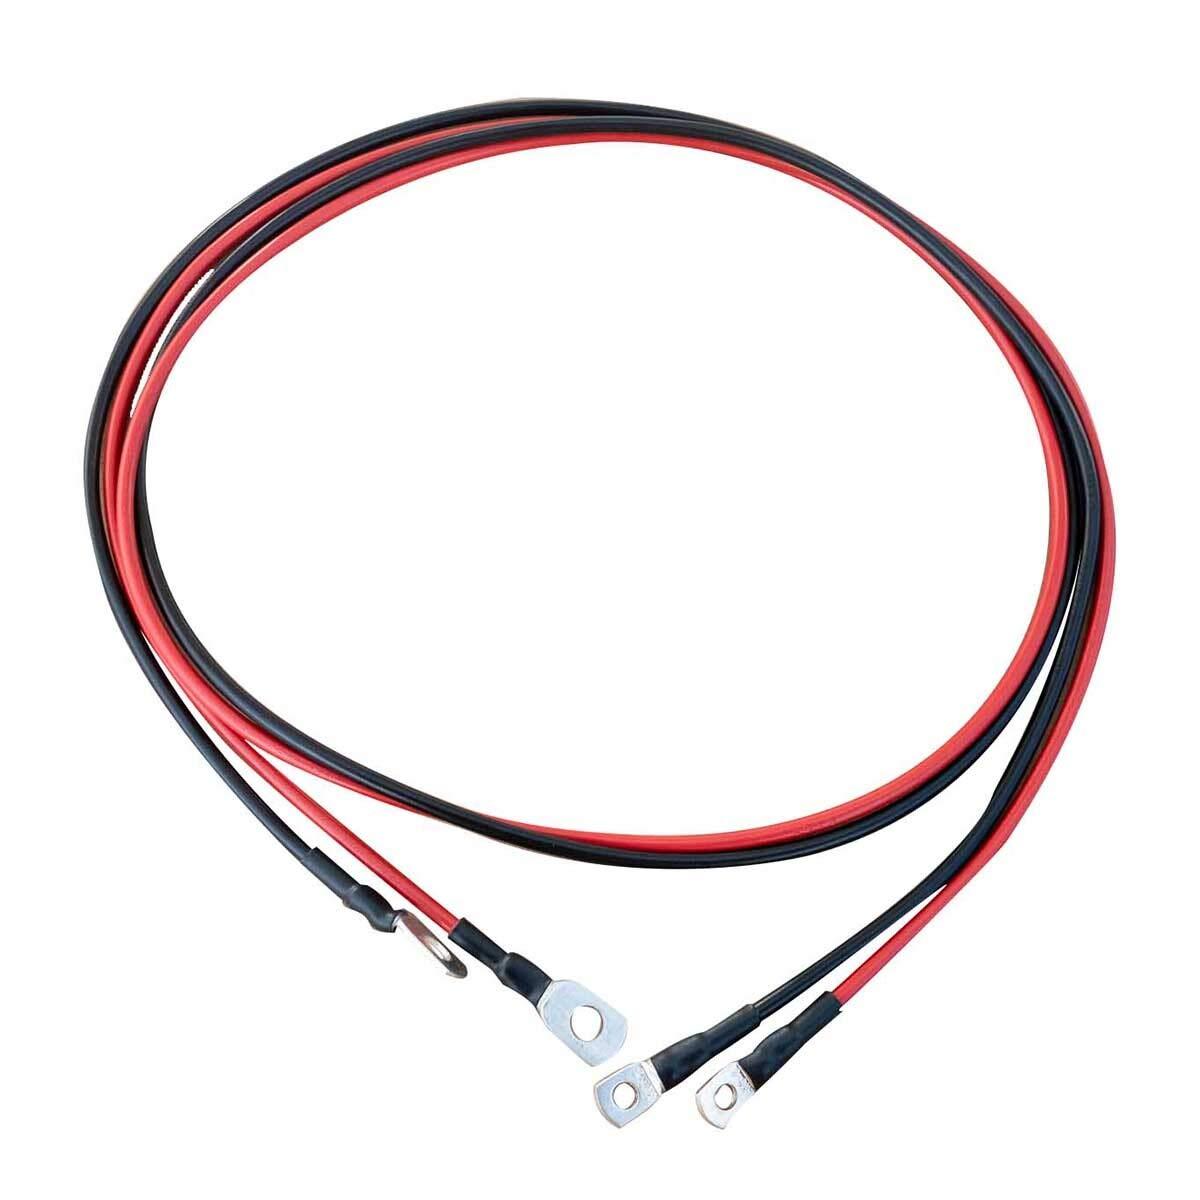 ECTIVE Kabel-Satz 2m f/ür Wechselrichter bis 1000W 24V Wechselrichter-Kabel rot//schwarz 16 mm/² M8//M8 in 4 Varianten 1-3 Meter